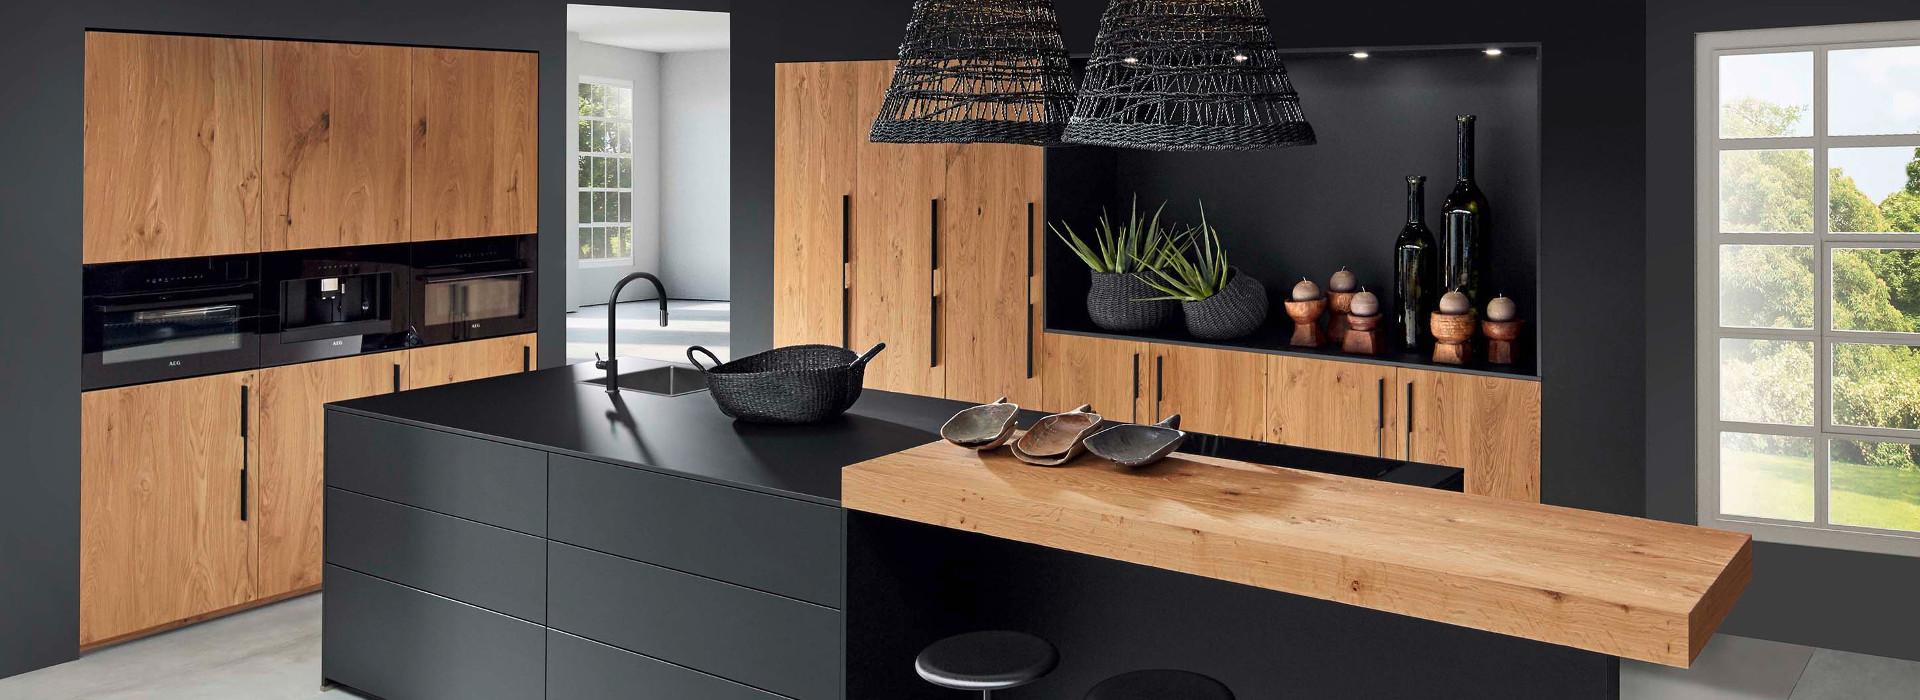 Meble kuchenne drewno ciemne fronty i wyspa